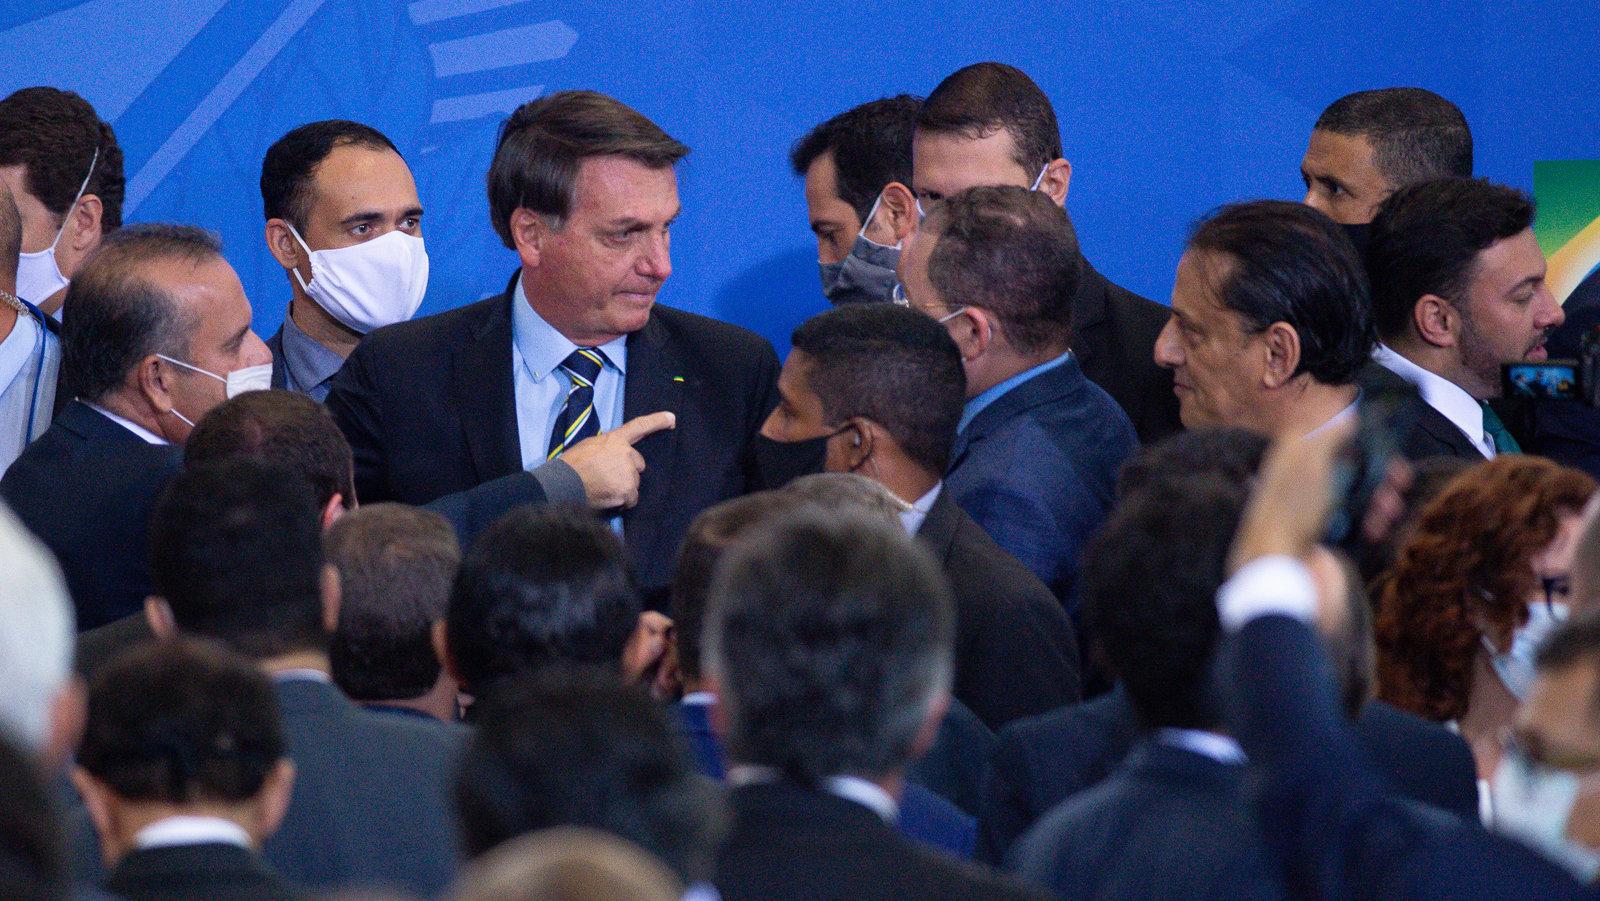 Bolsonaro Is Sick With Coronavirus - The New York Times 4